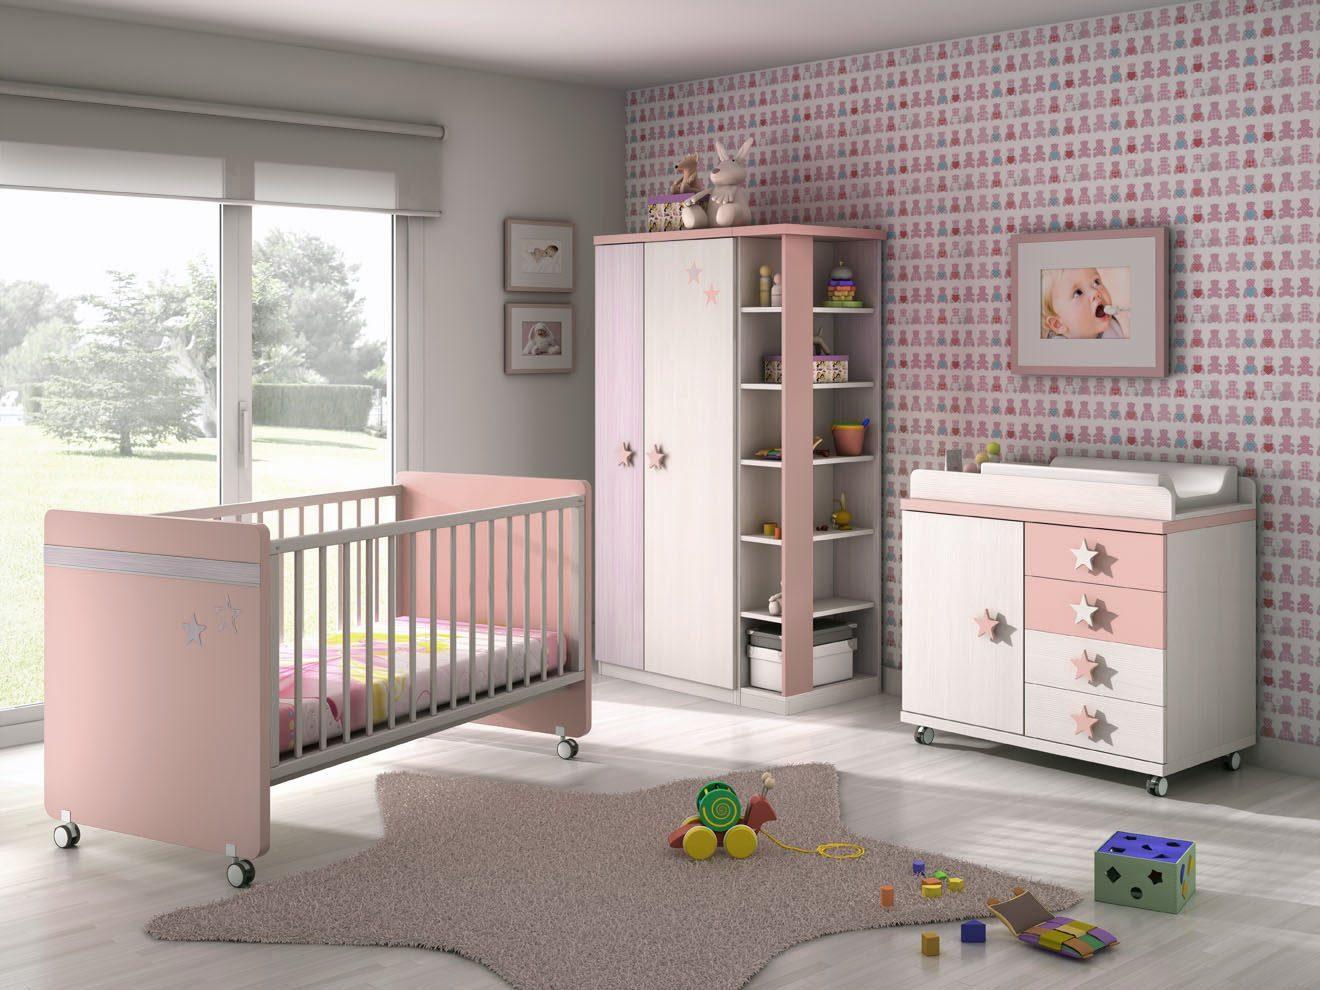 Habitaciones de beb s - Habitaciones para bebe ...